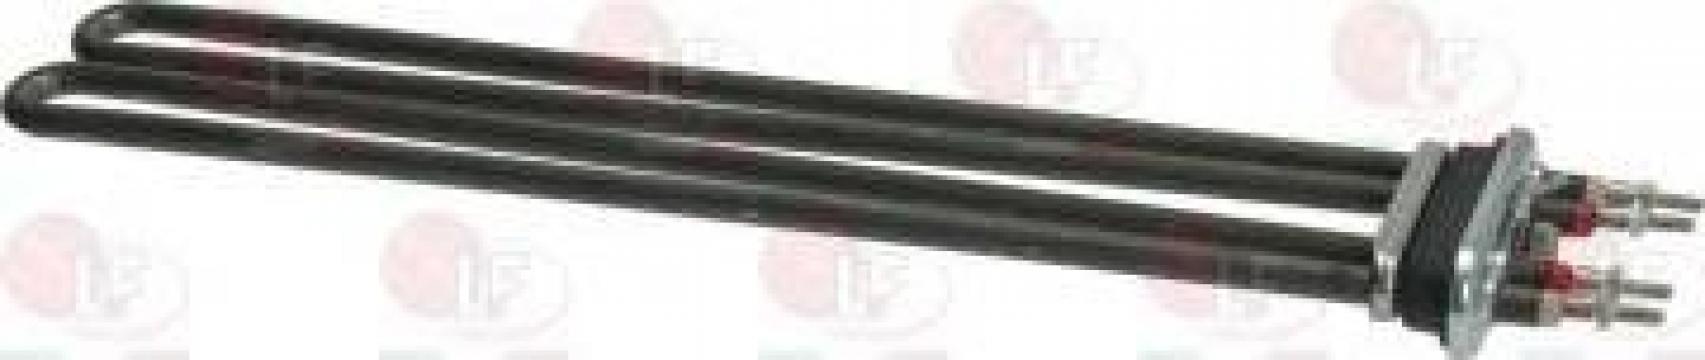 Rezistenta incalzire pt. masini de spalat 3455349 de la Ecoserv Grup Srl